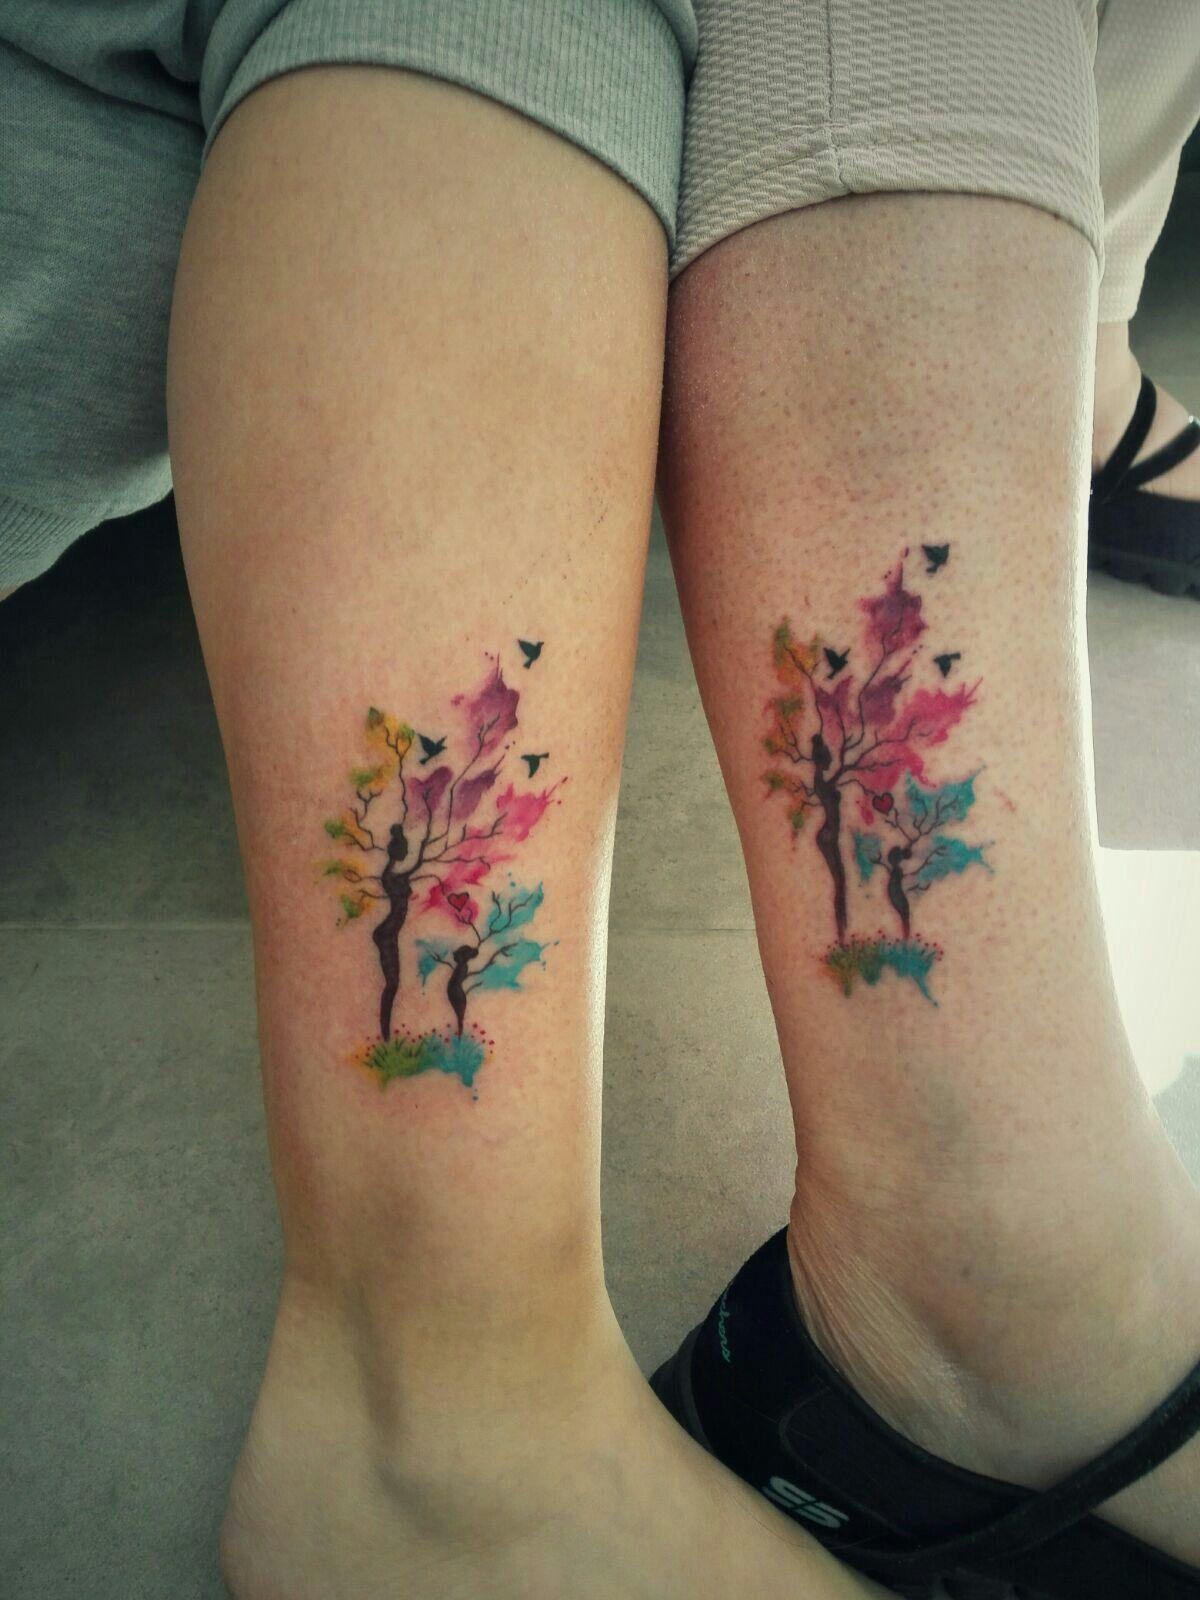 Tatuaje De Madre E Hija Uñas Tatuaje Mama E Hija Tattoos Madre